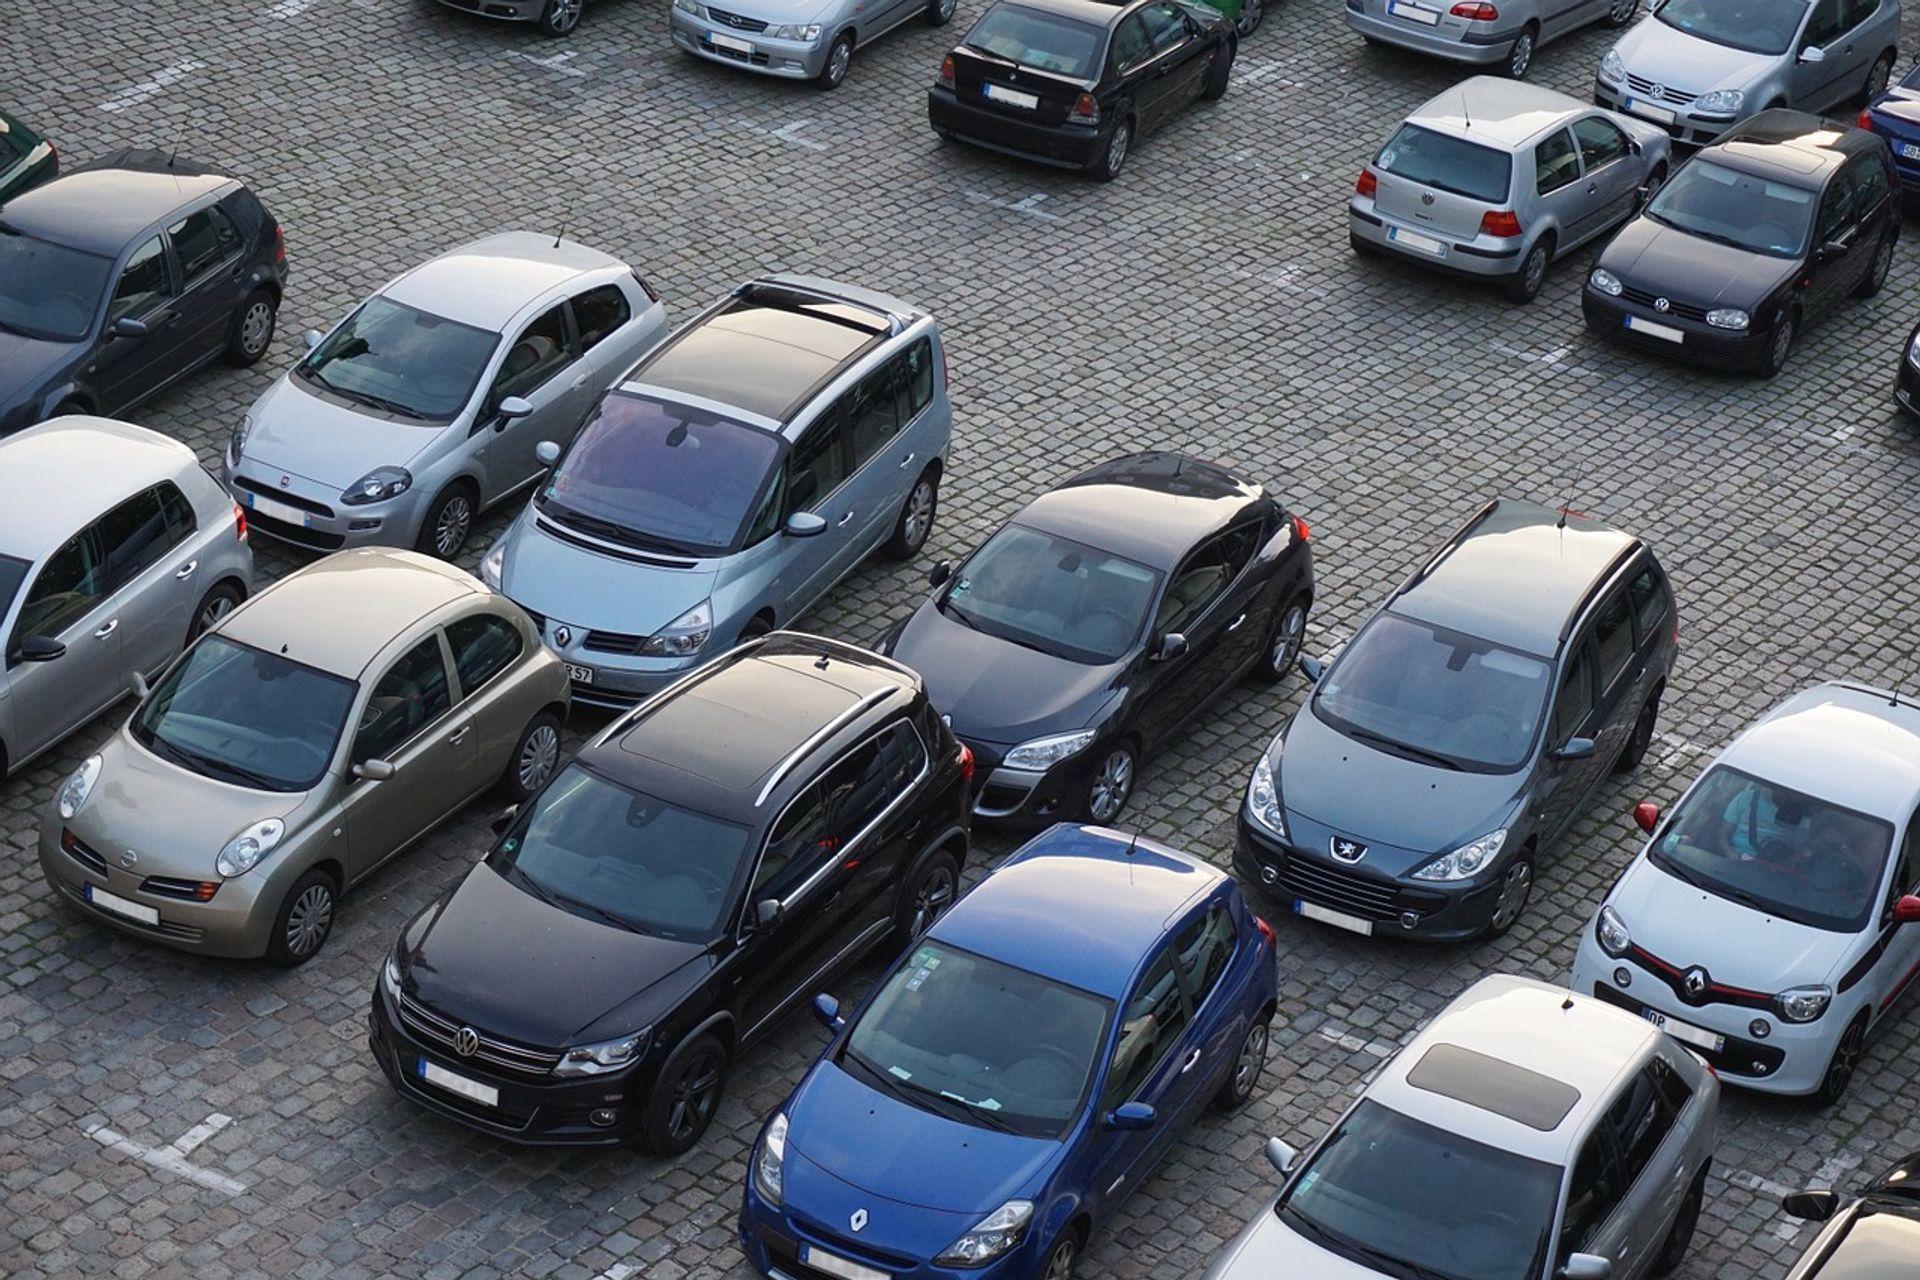 [Wrocław] Siedem nowych parkingów we Wrocławiu. Przy stacjach kolejowych i przystankach MPK